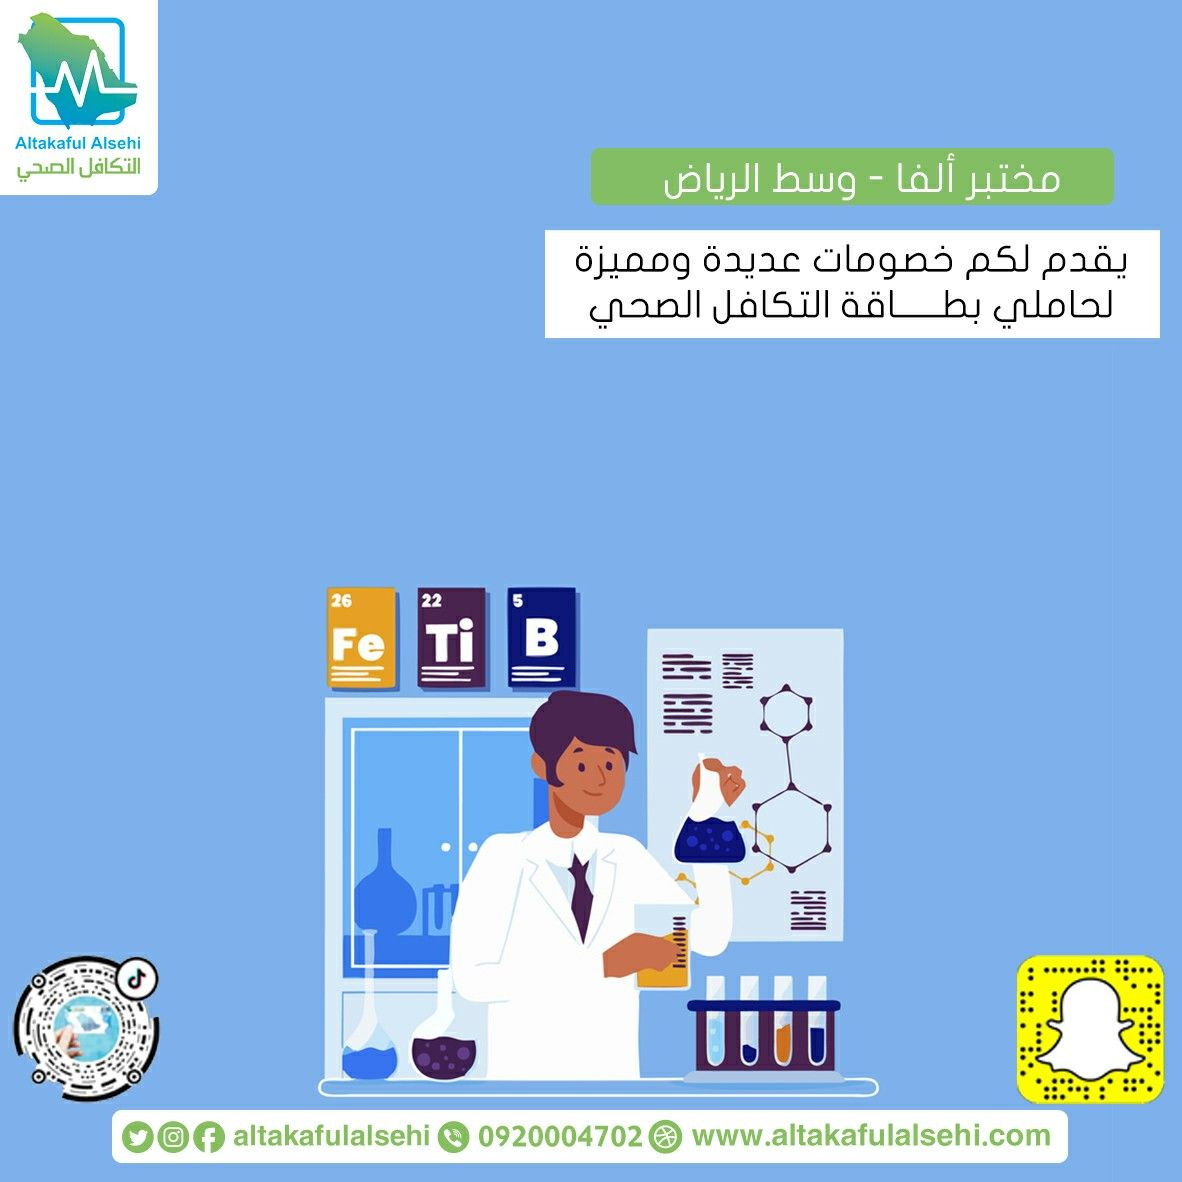 تحاليلك أدق وصحتك أقوى باختيارك مختبر ألفا وسط الرياض وتمتع بأفضل الخصومات على بطاقة التكافل الصحي Https Bit Ly 2s5avdb Health Insurance Health Family Guy